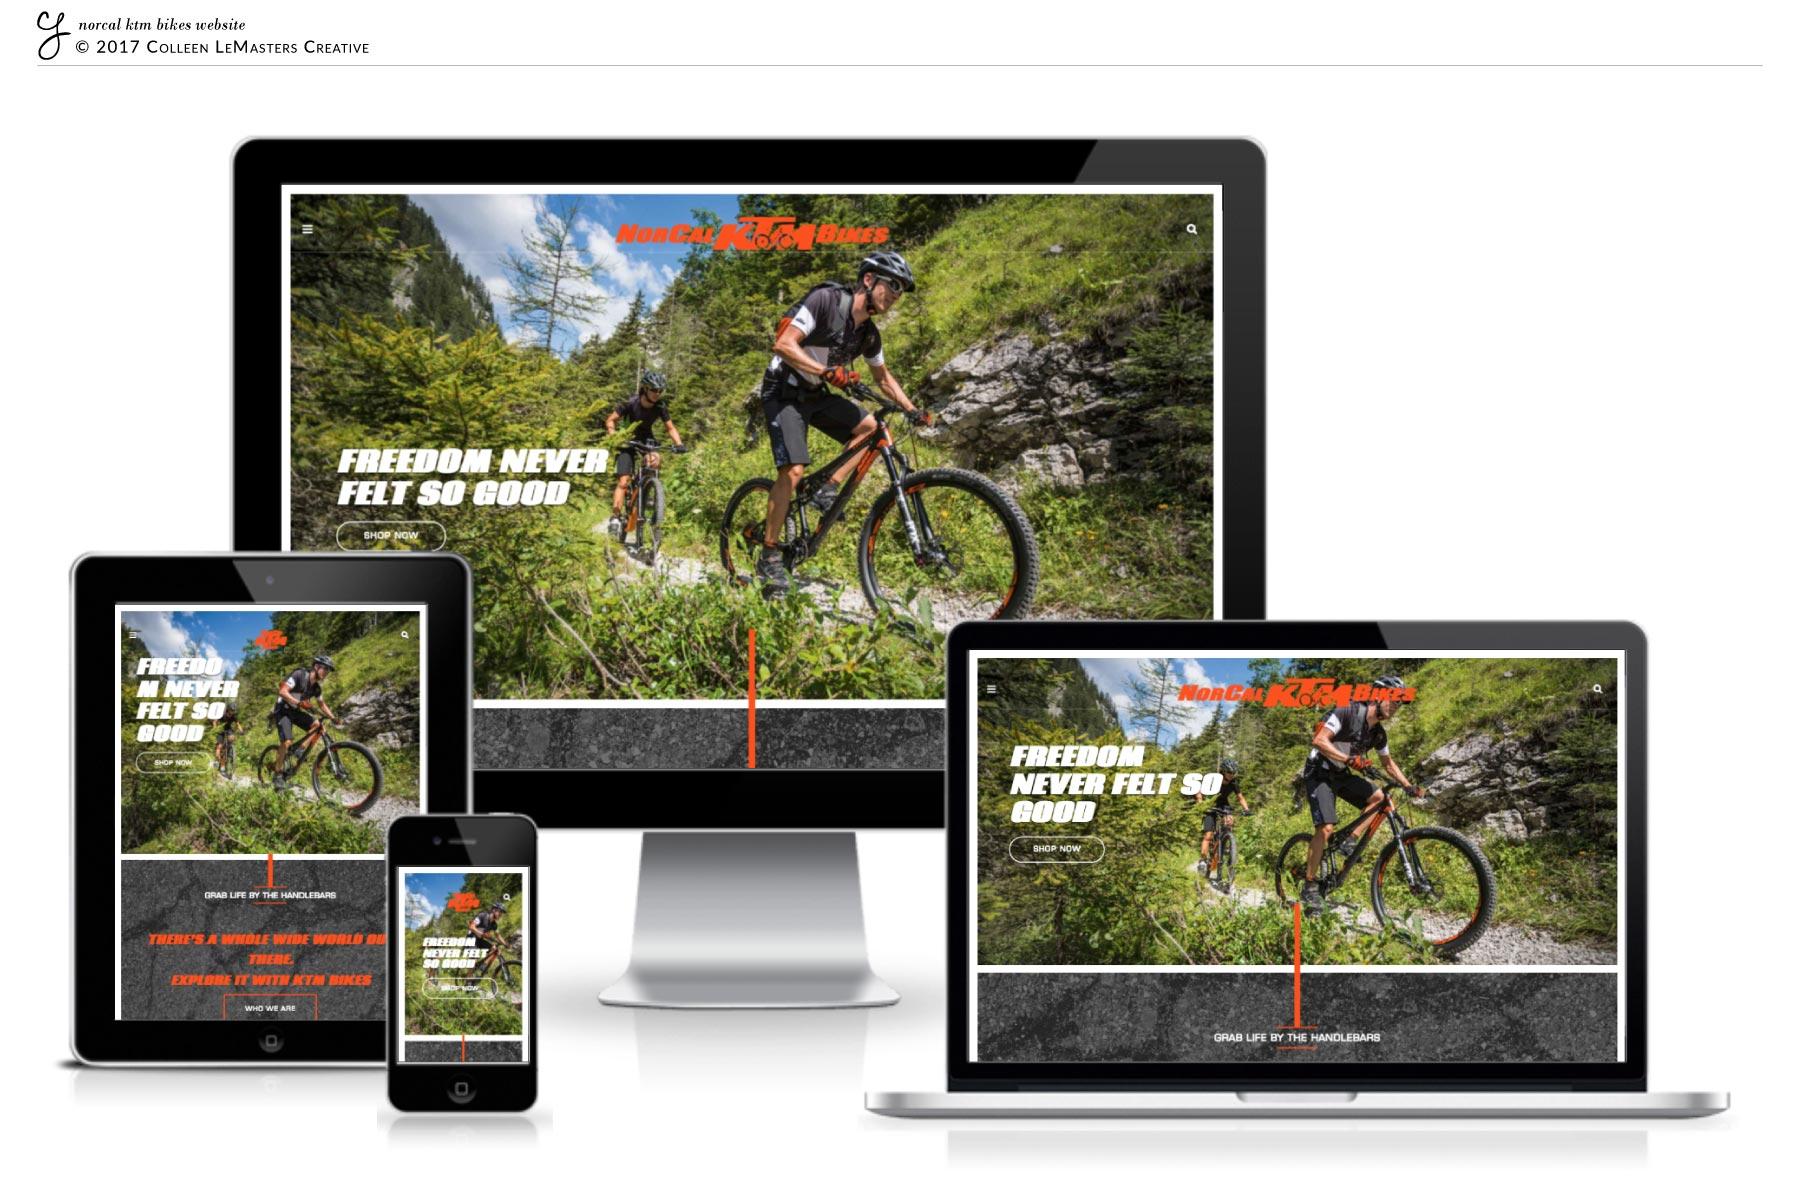 norcal-ktm-bikes_clcreative-site